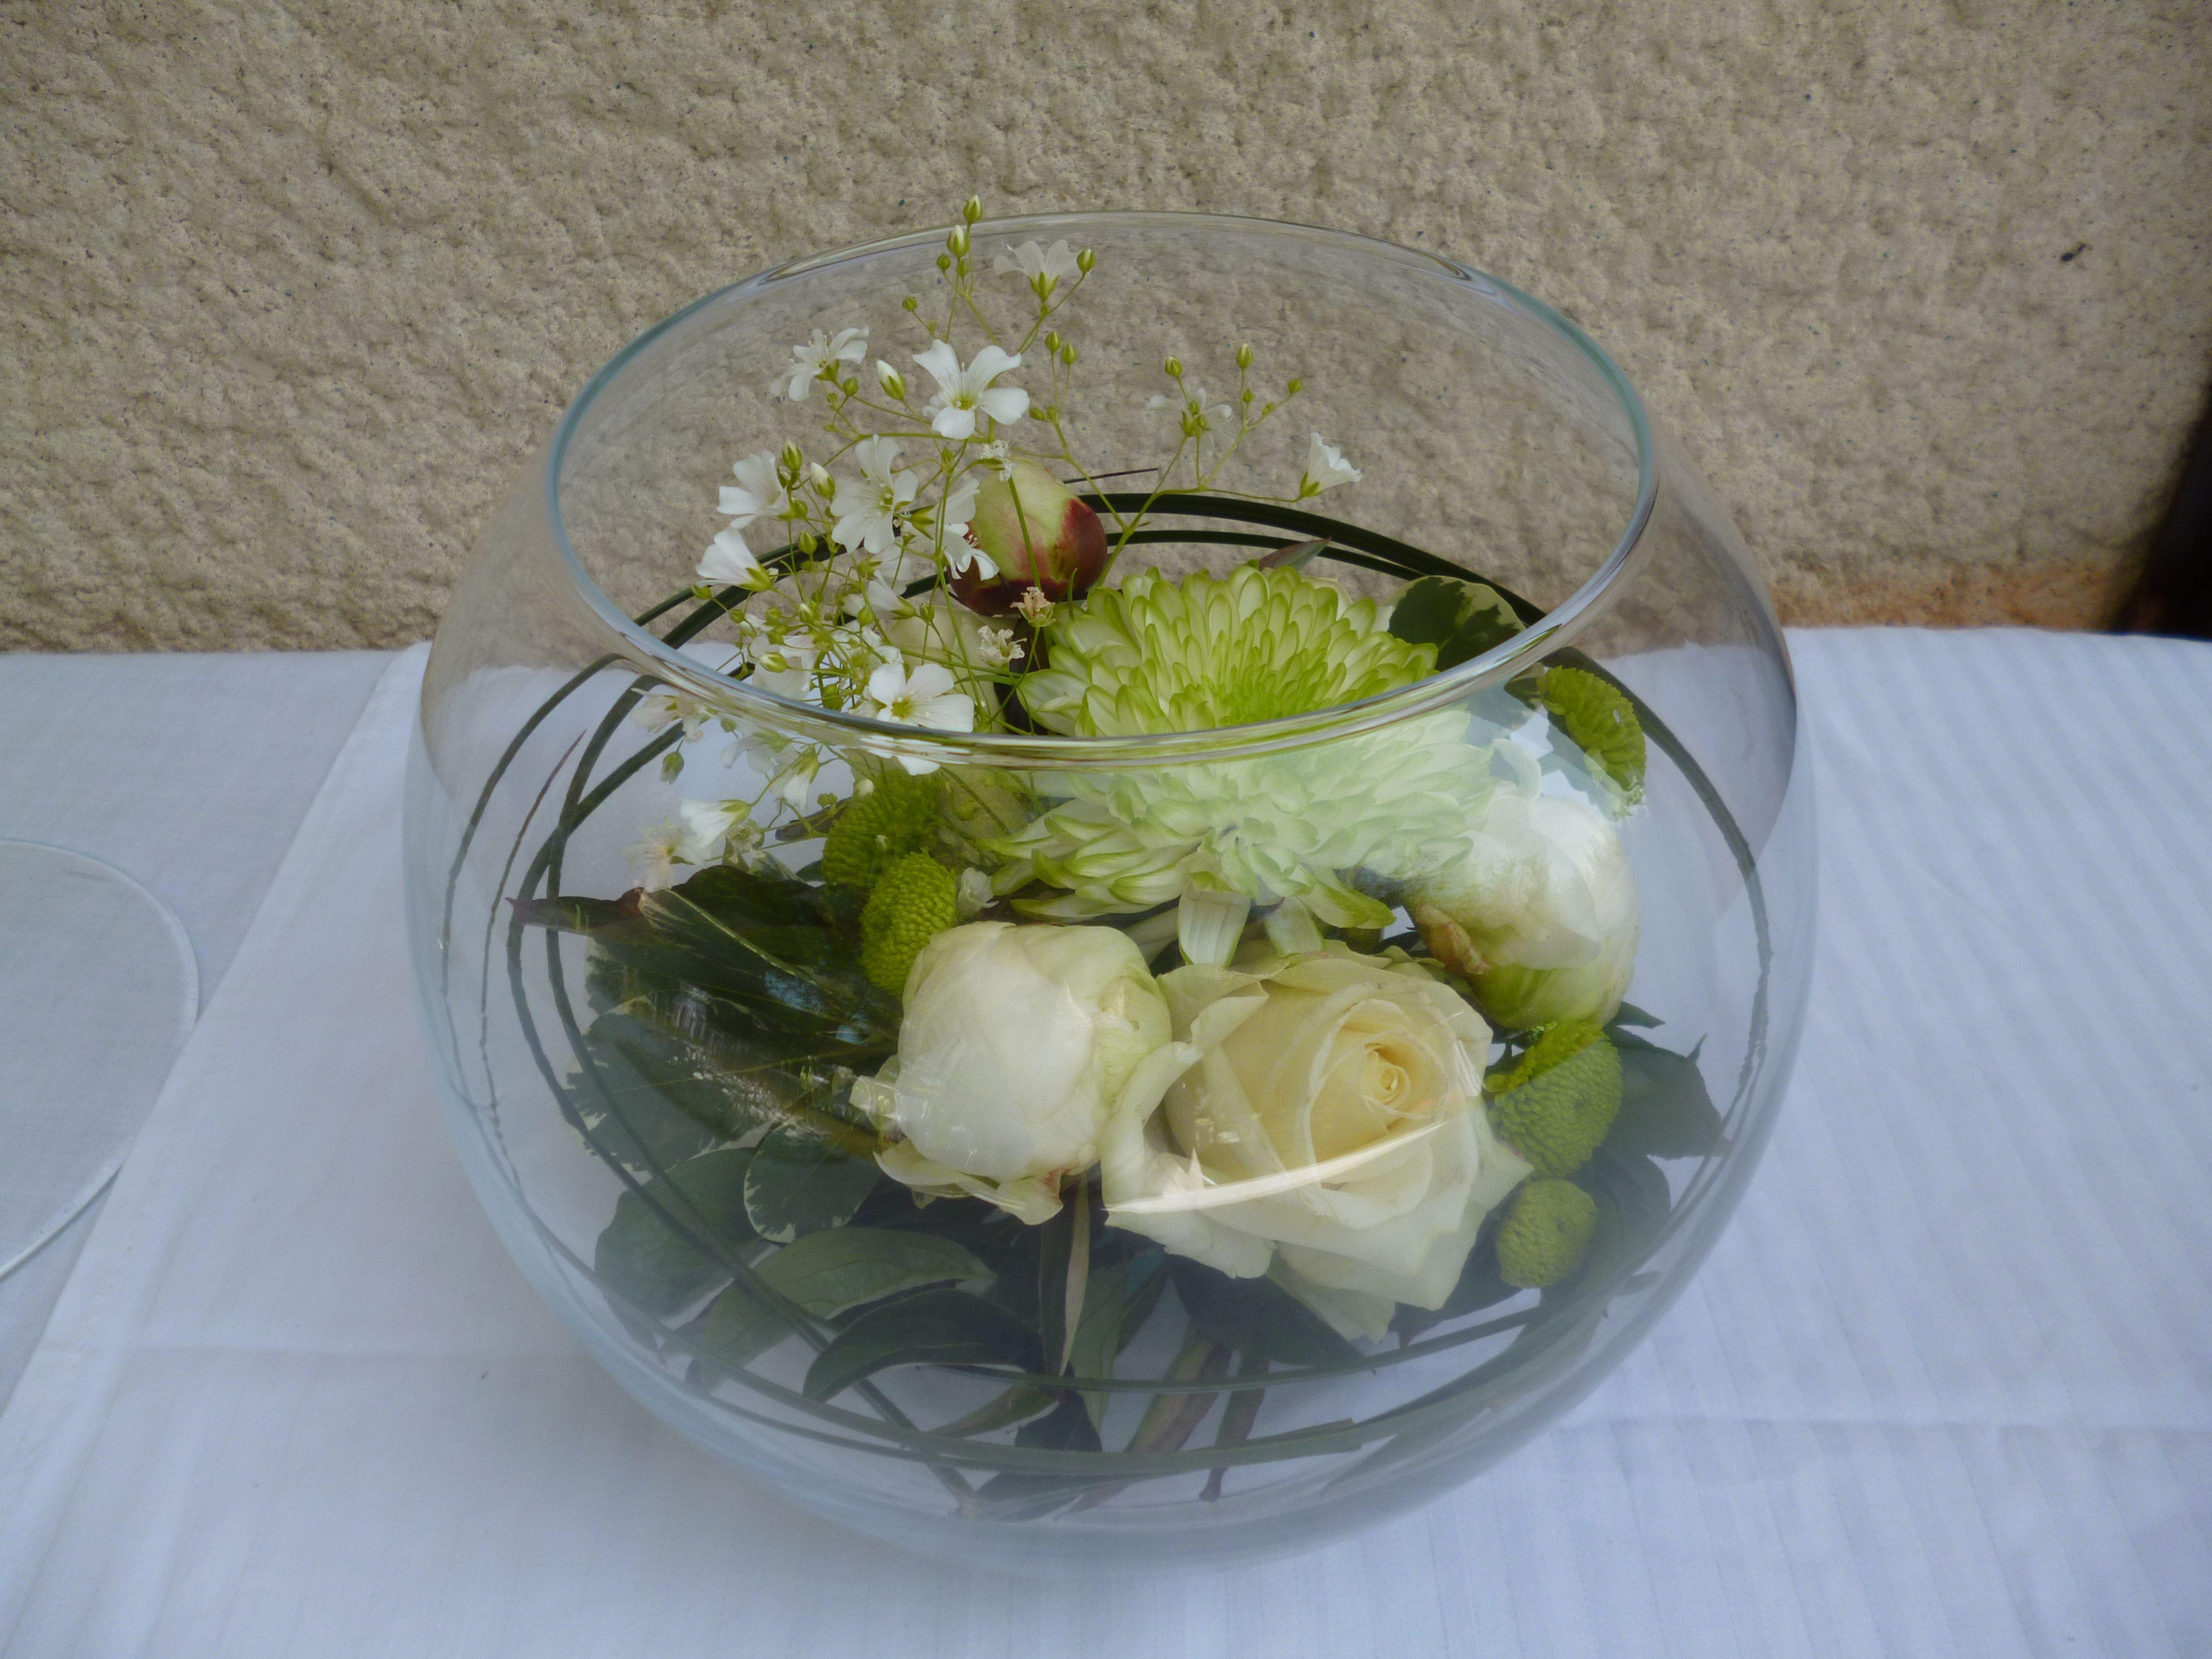 Création florale vase boule Mélange fleurs blanches et vertes ( rose, pivoine...)